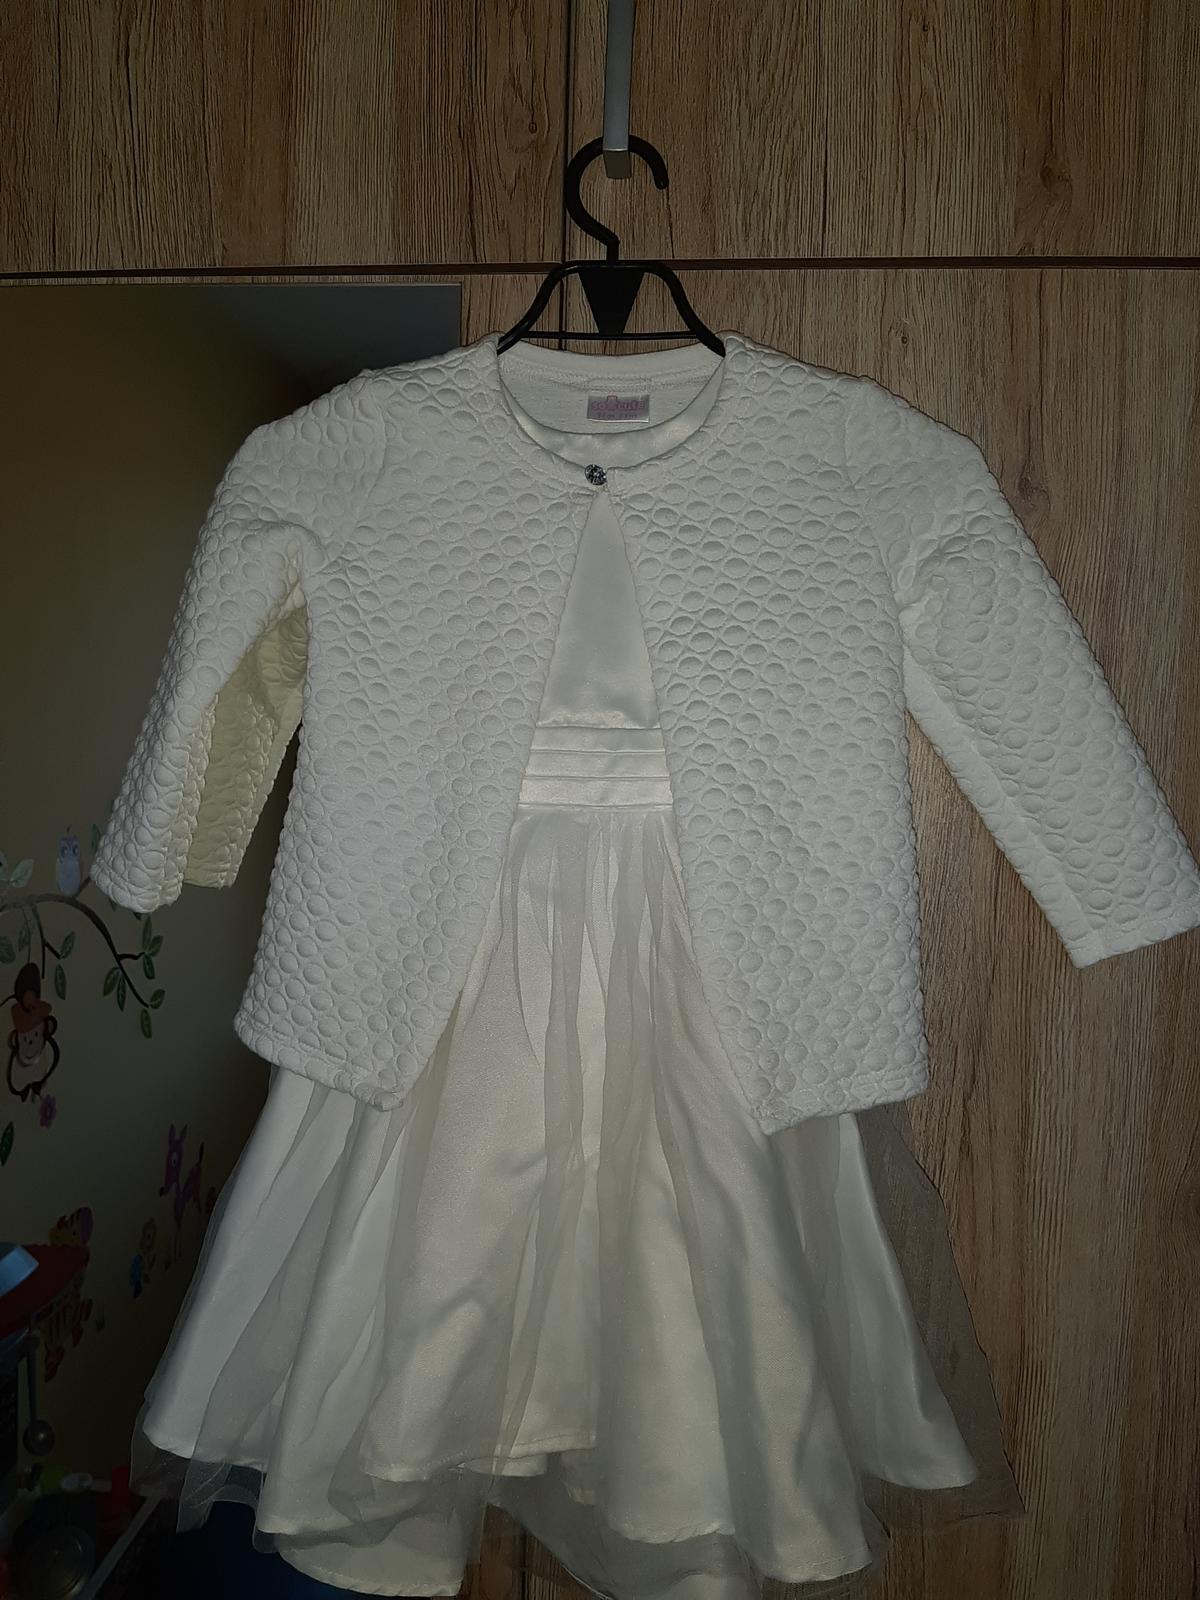 družičkové šaty s kabátkem - Obrázek č. 2